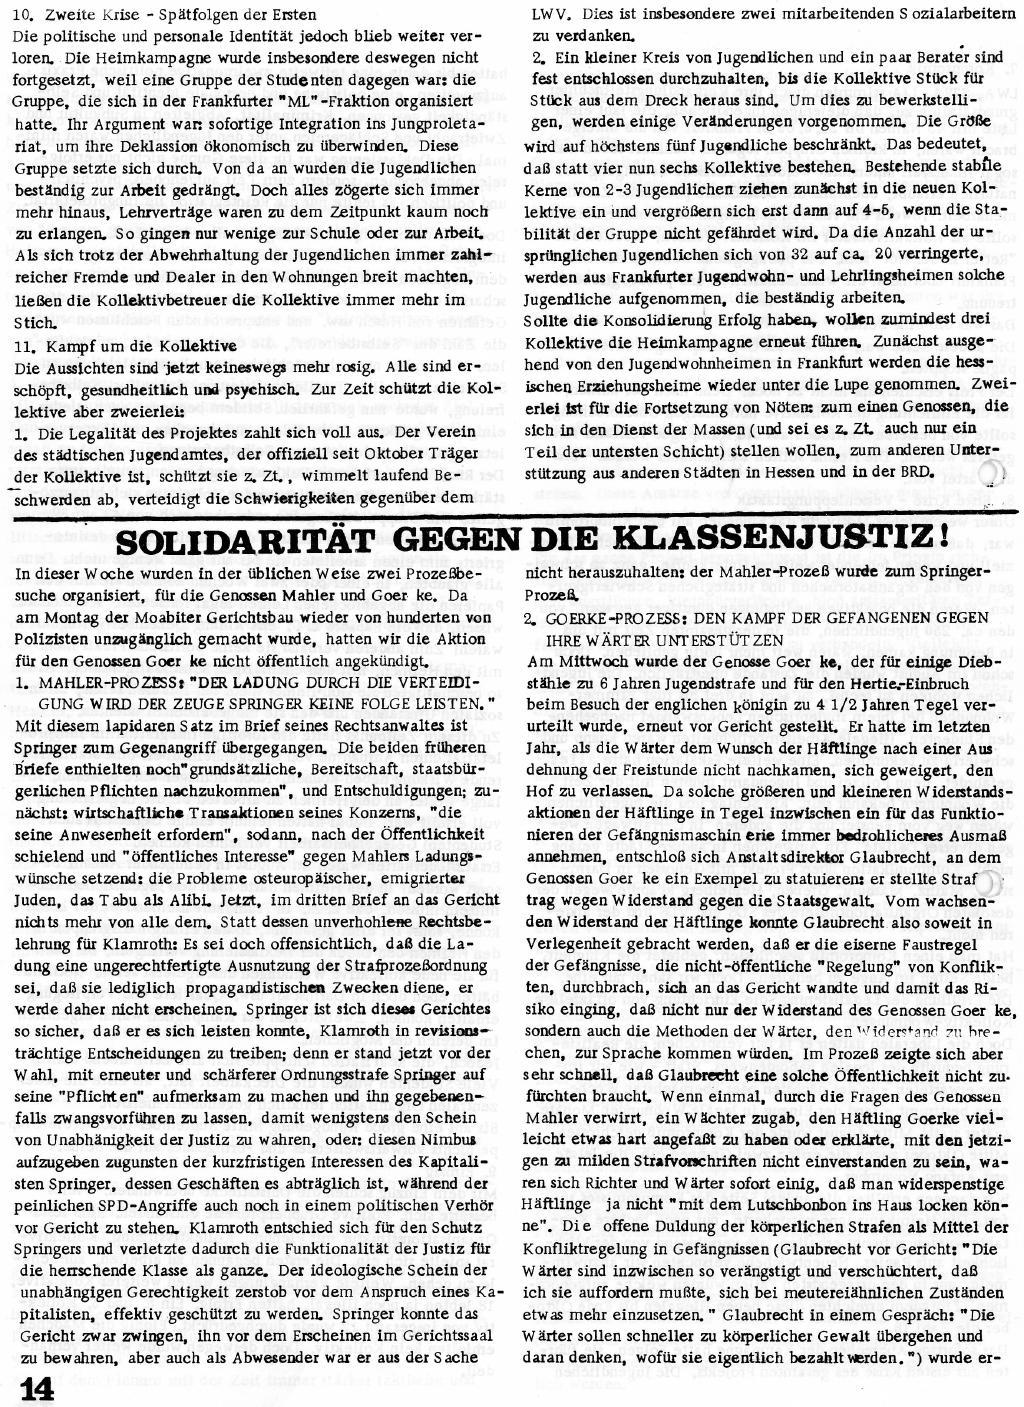 RPK_1970_054_14